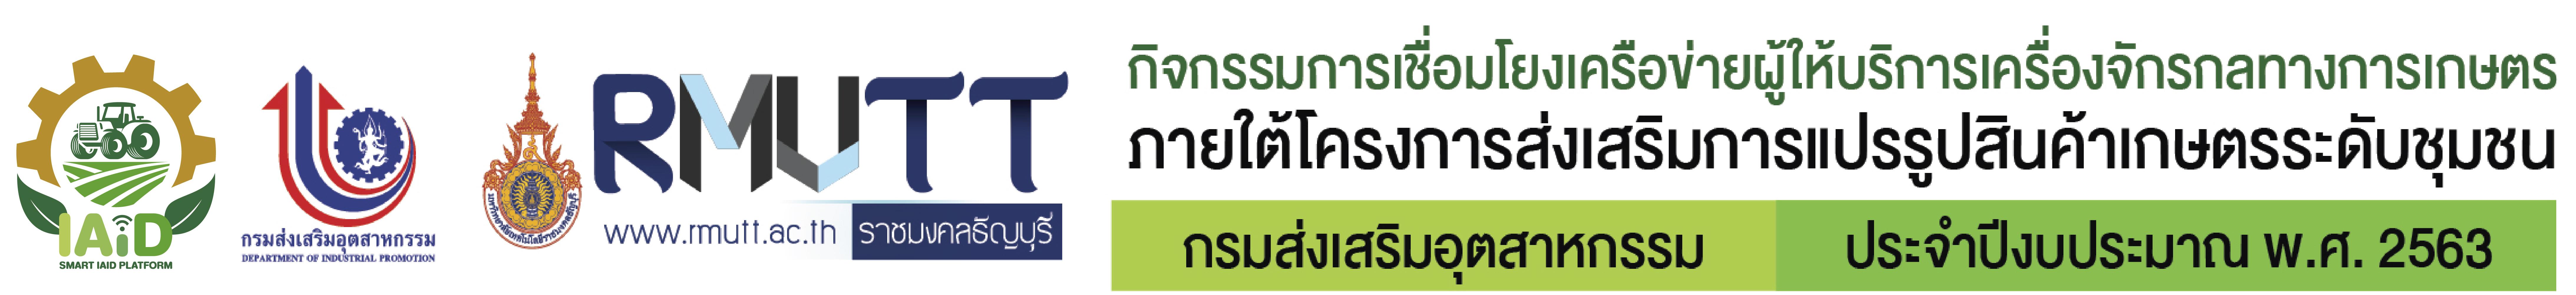 Cover+logo-01